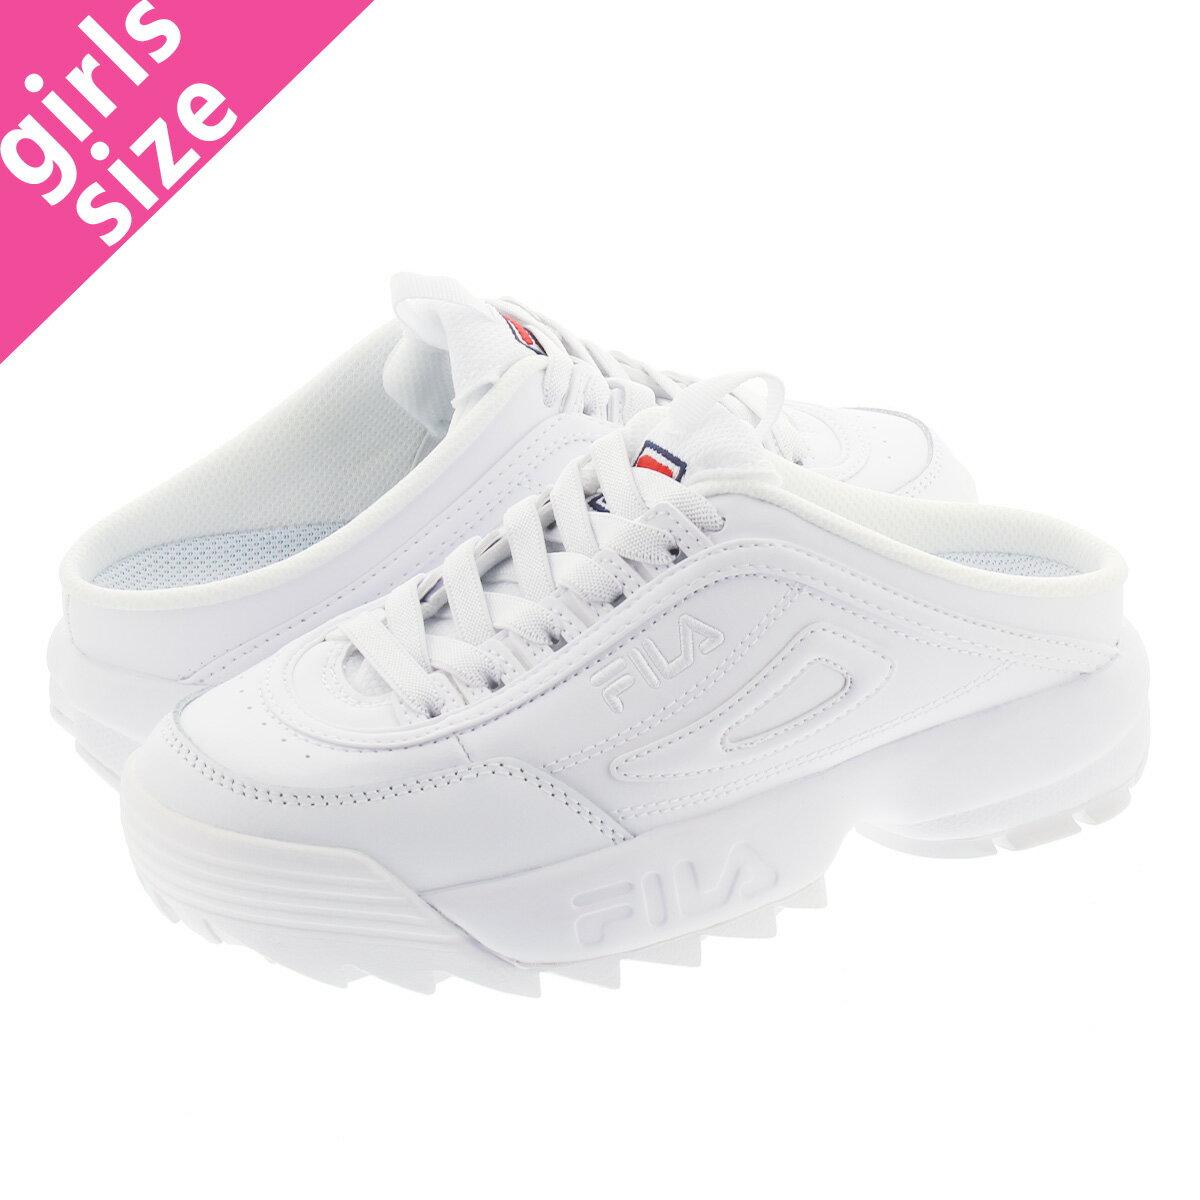 レディース靴, スニーカー  FILA DISRUPTOR II MULE SL WMNS 2 SL WHITENAVYRED f0503-0125